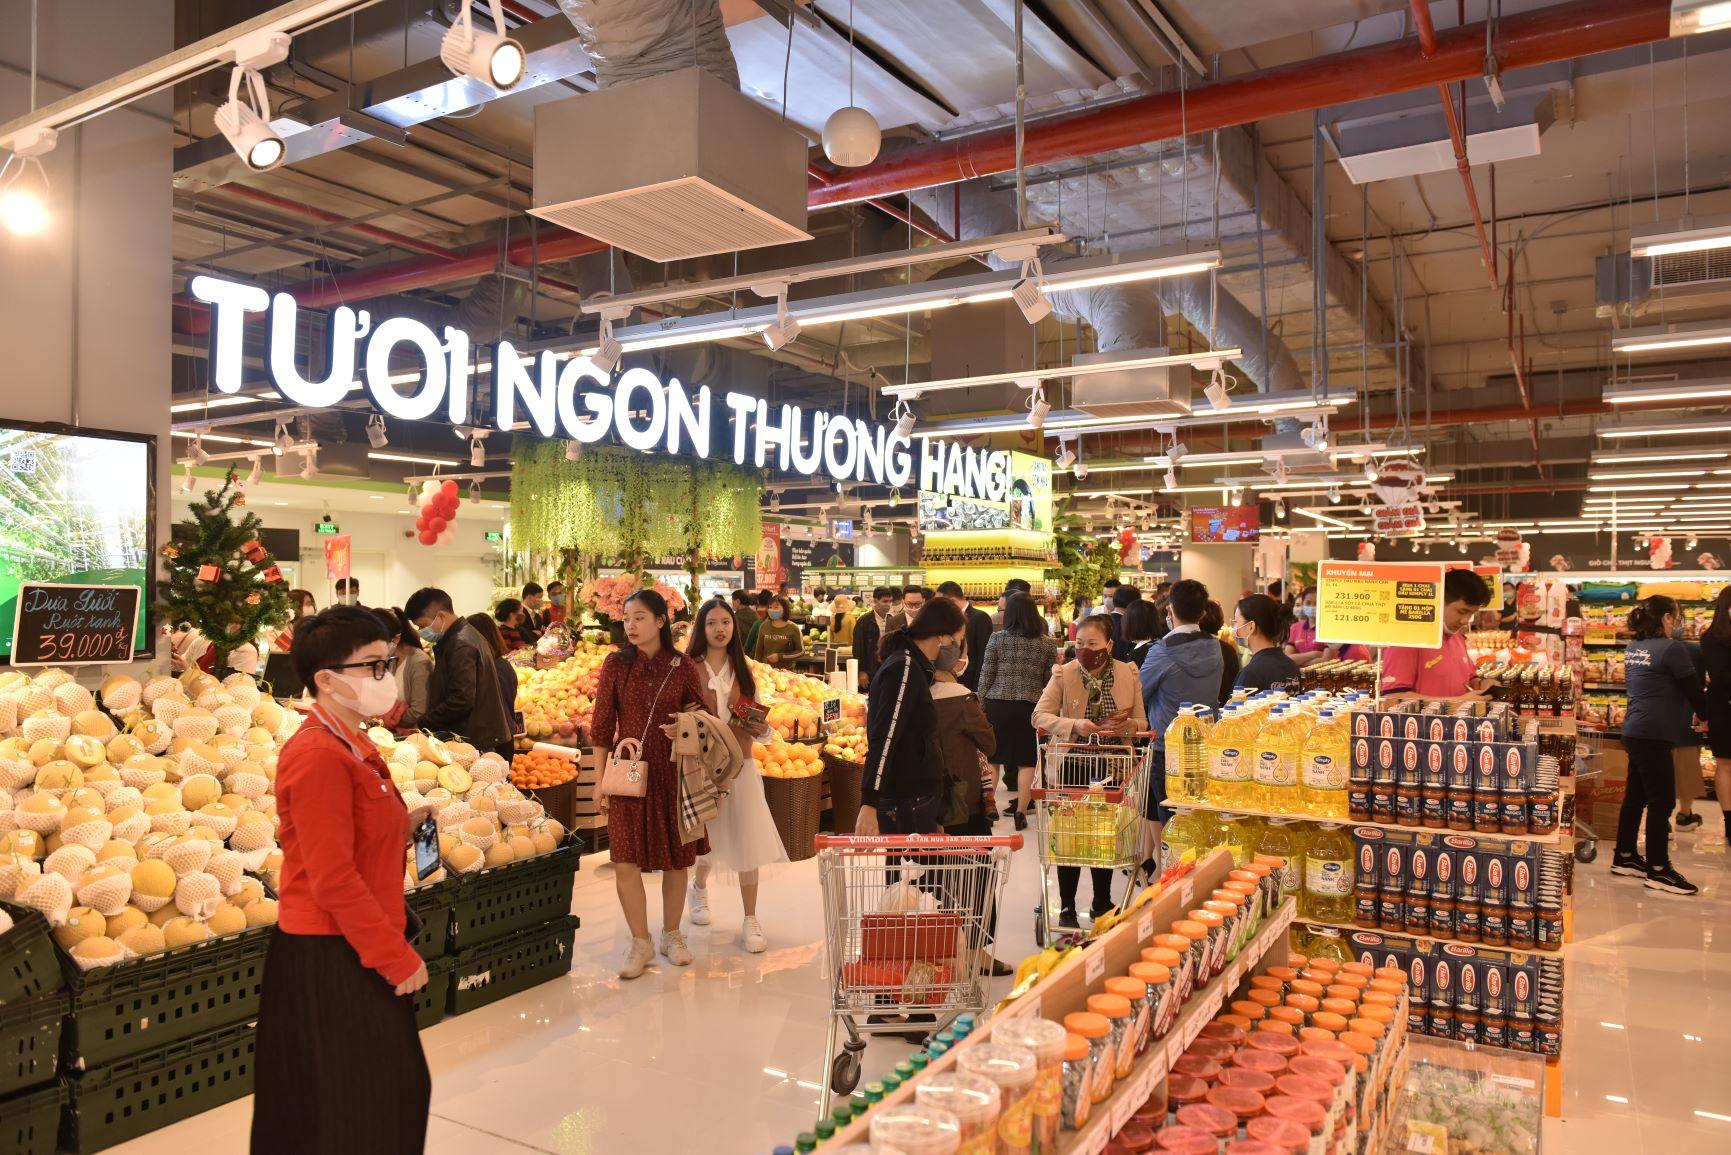 Khai trương siêu thị VinMart Ocean Park - Tươi ngon thượng hạng, khuyến mãi ngập tràn 2